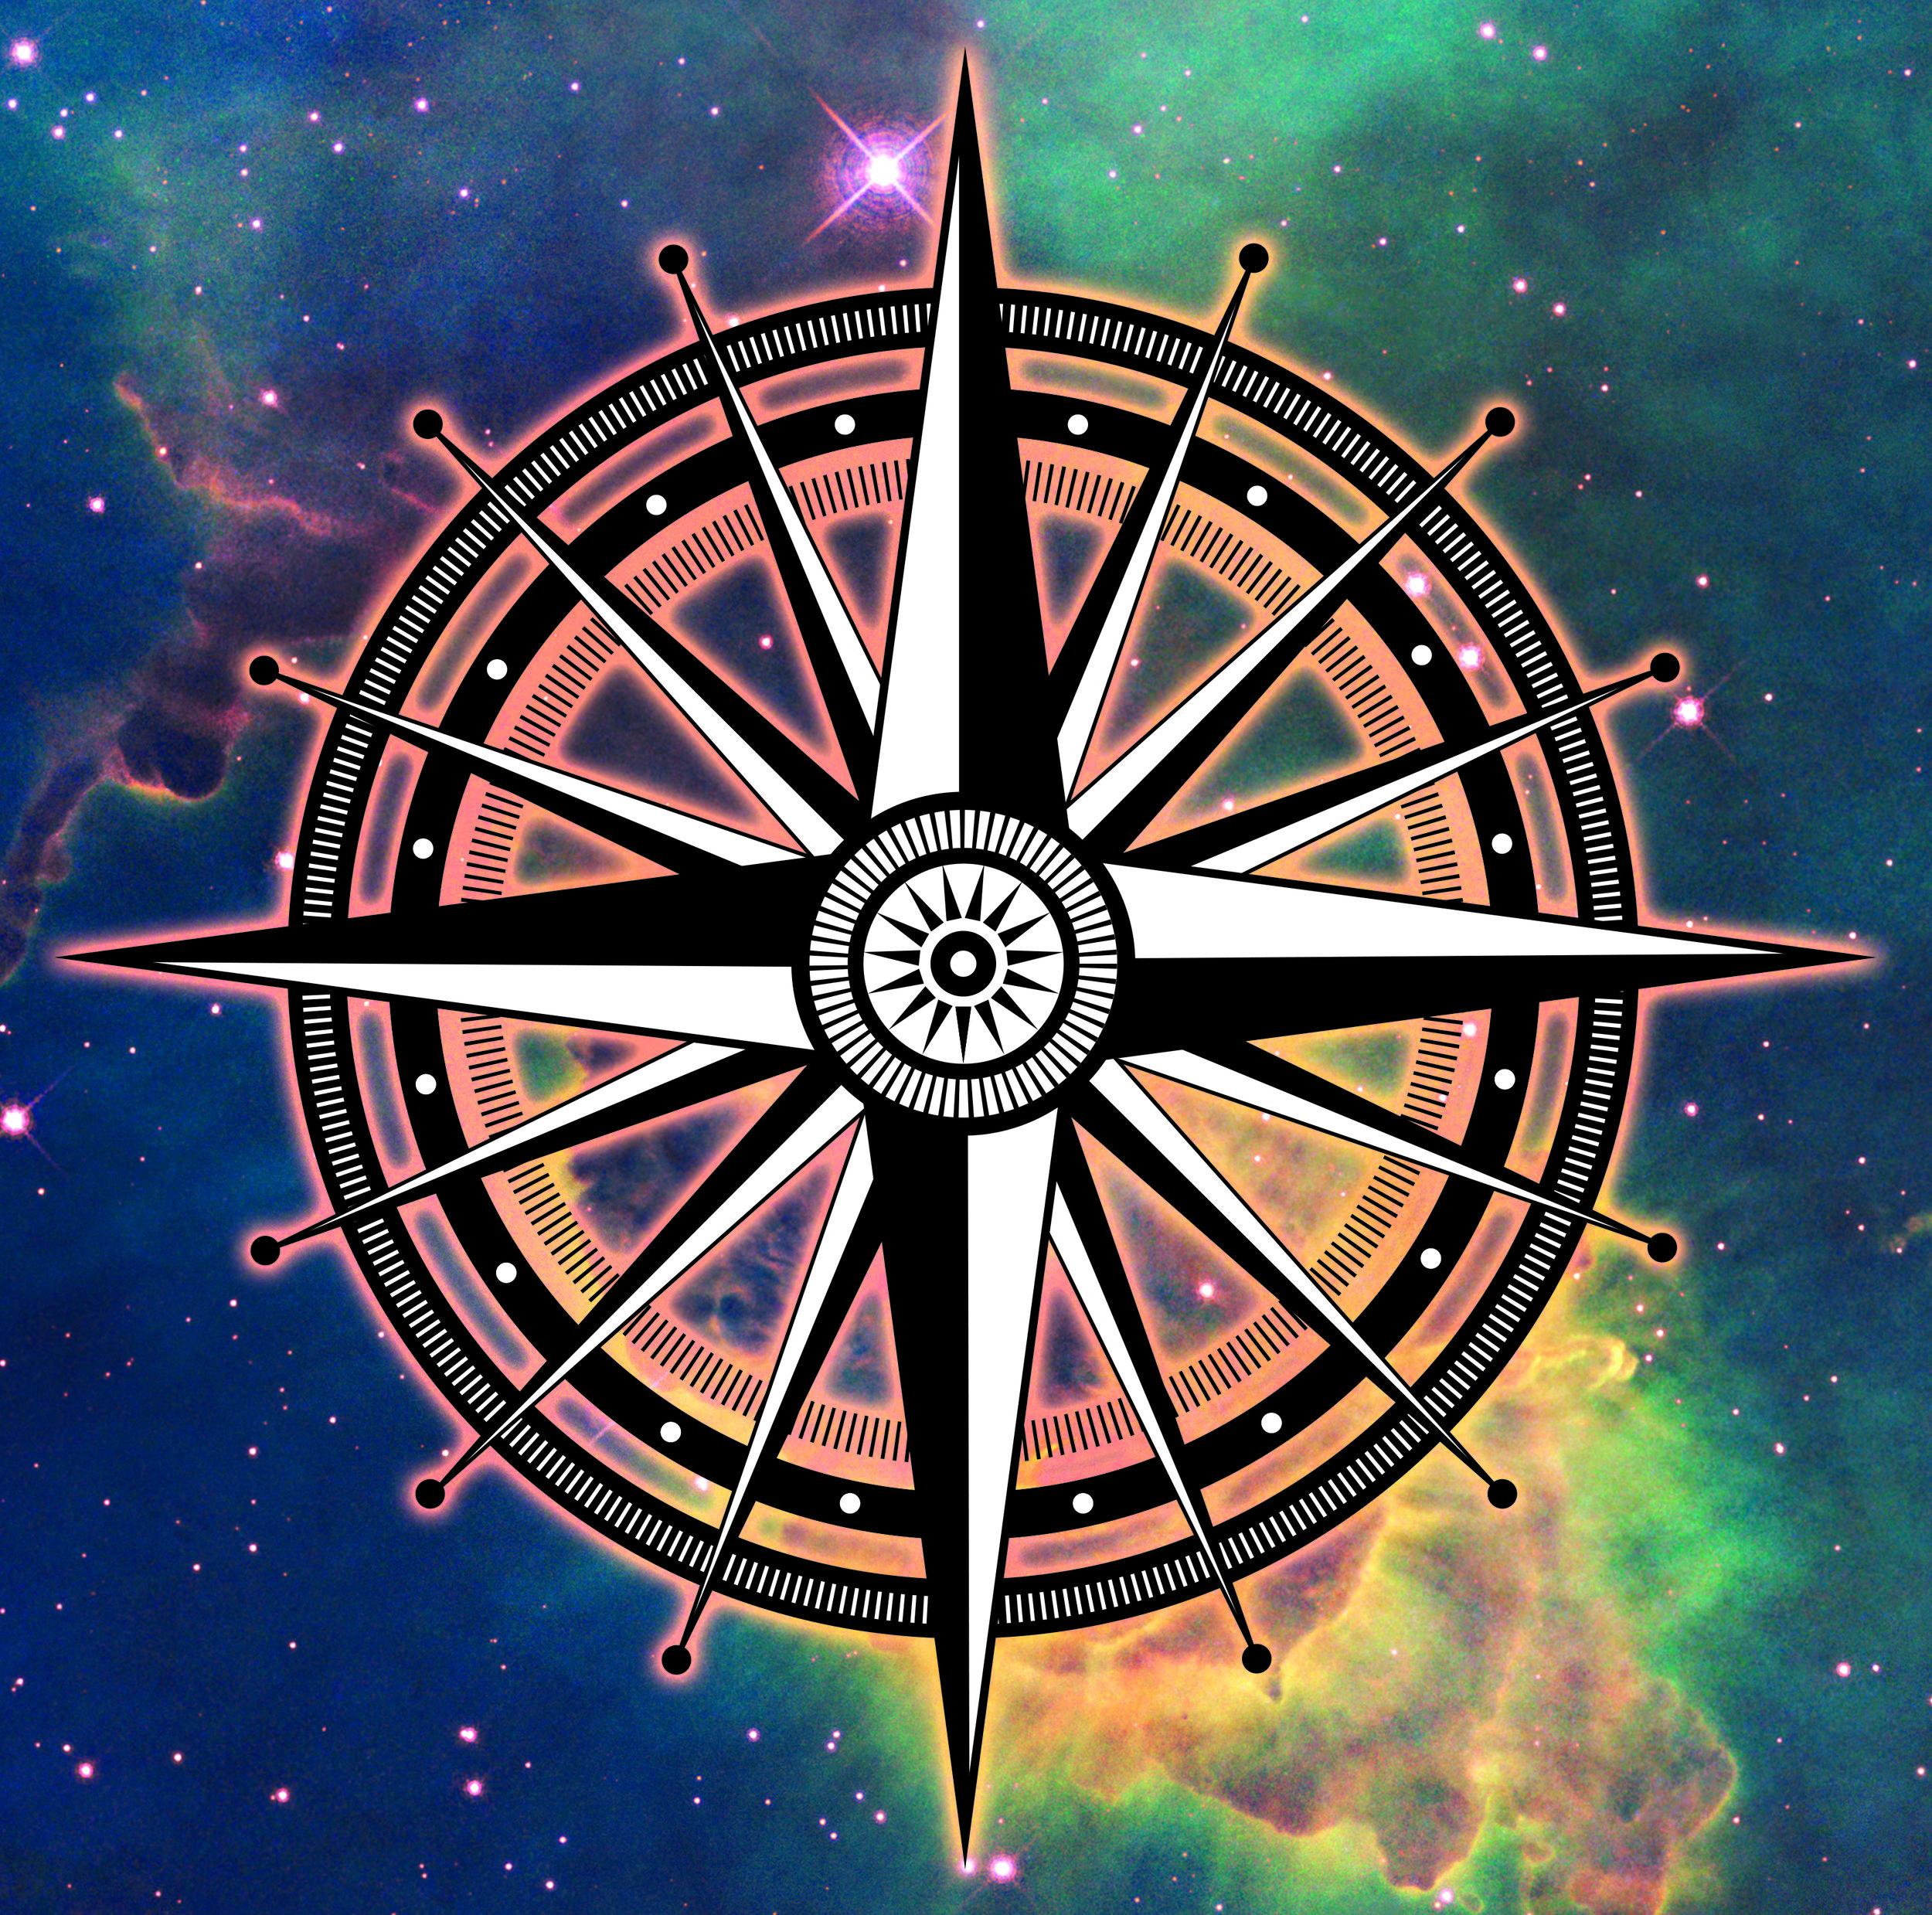 CompassRoseLodgeLogo2.jpg